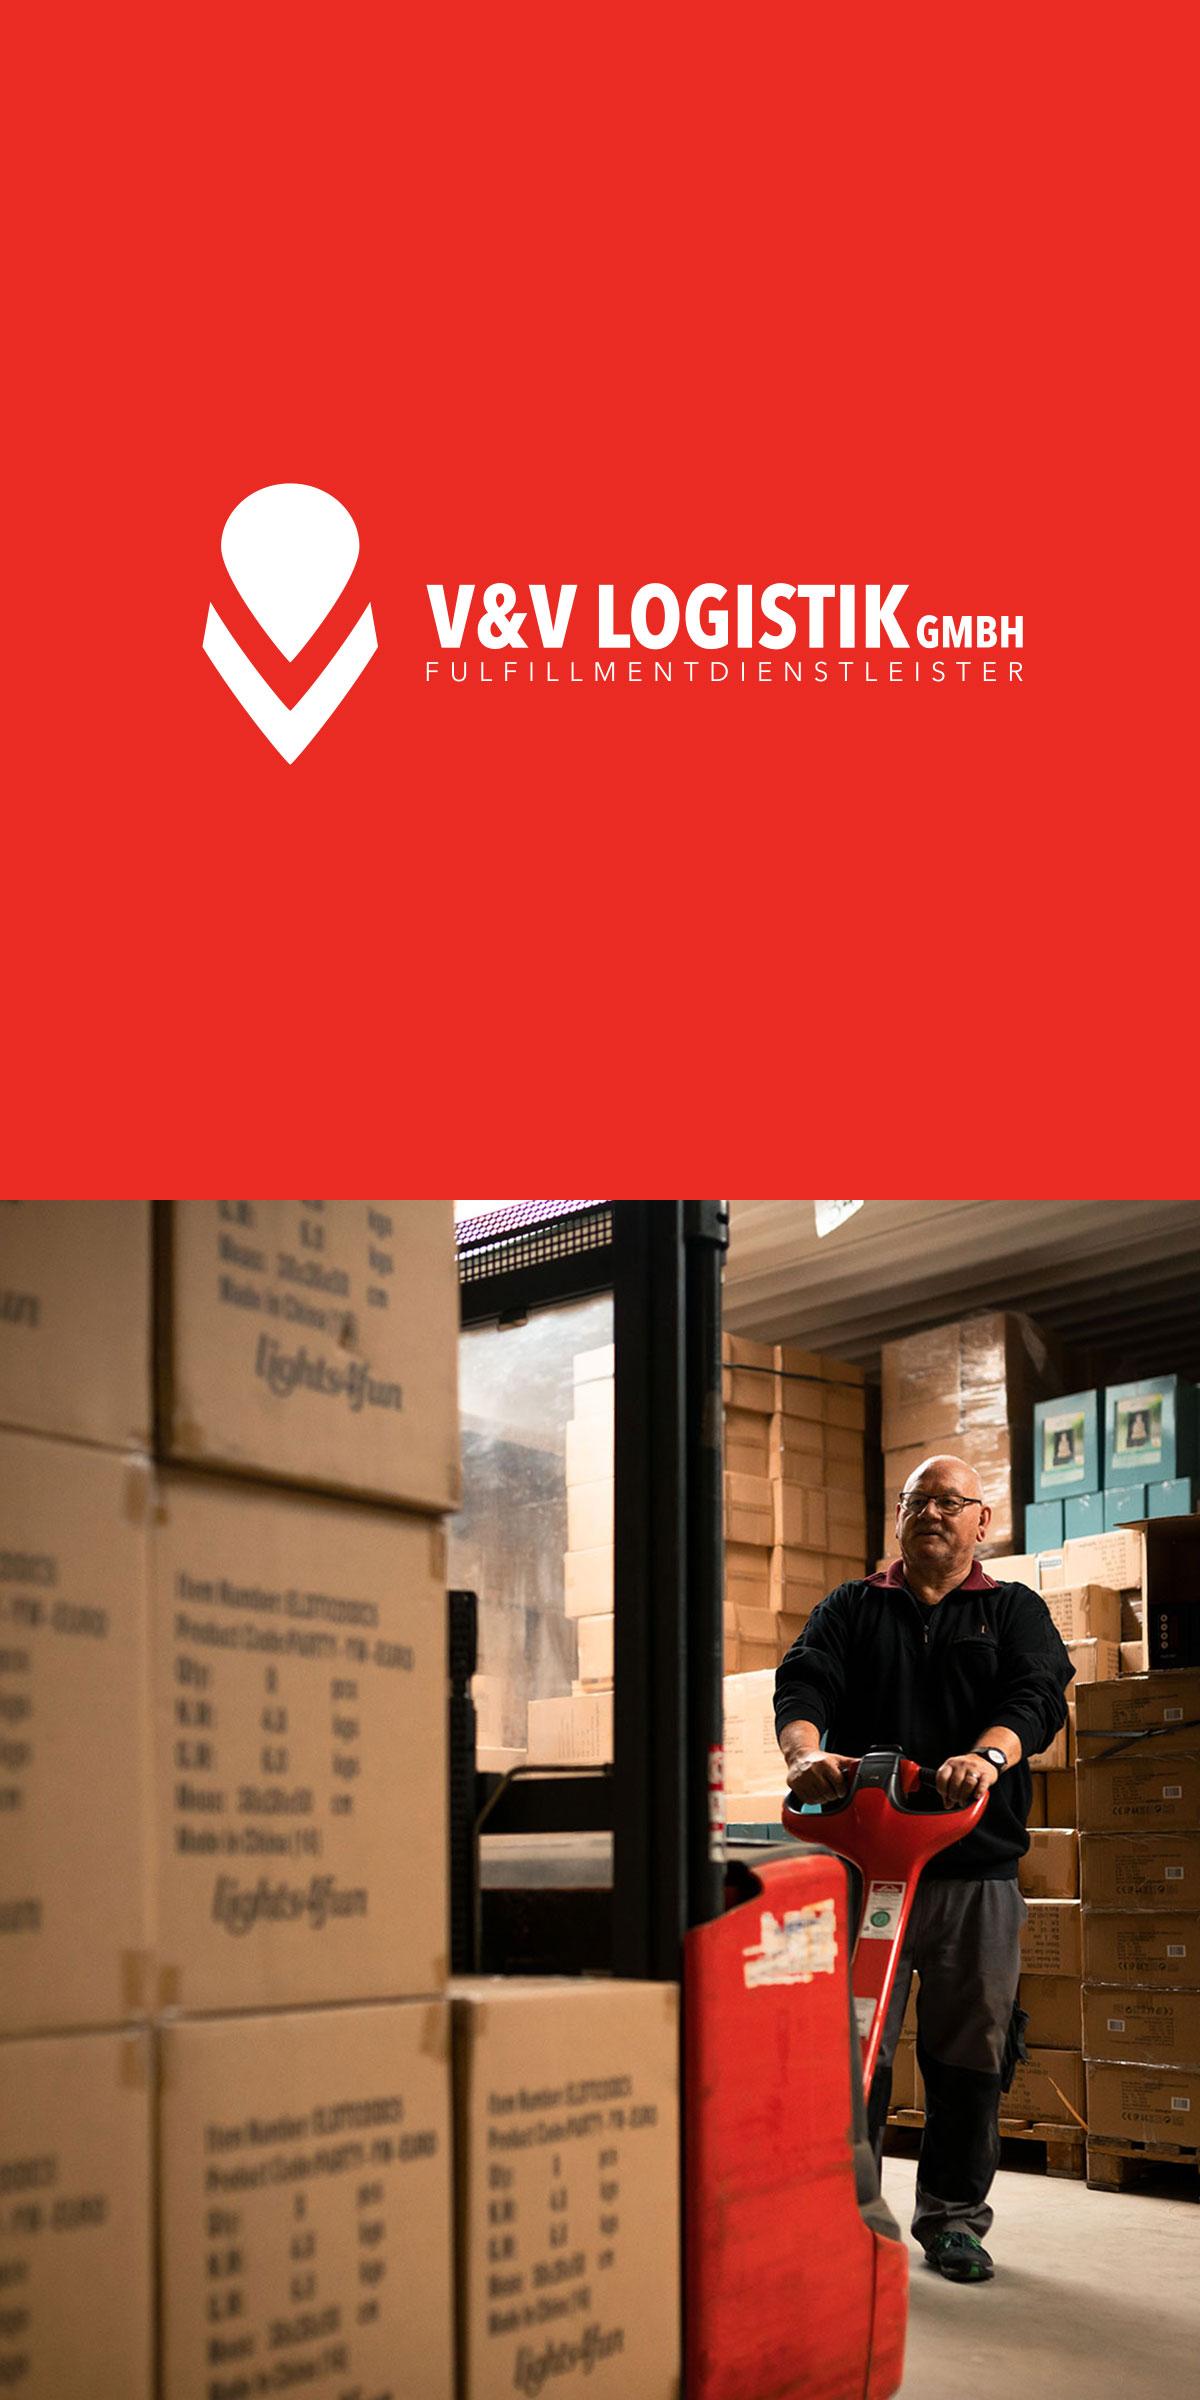 V&V Logistik